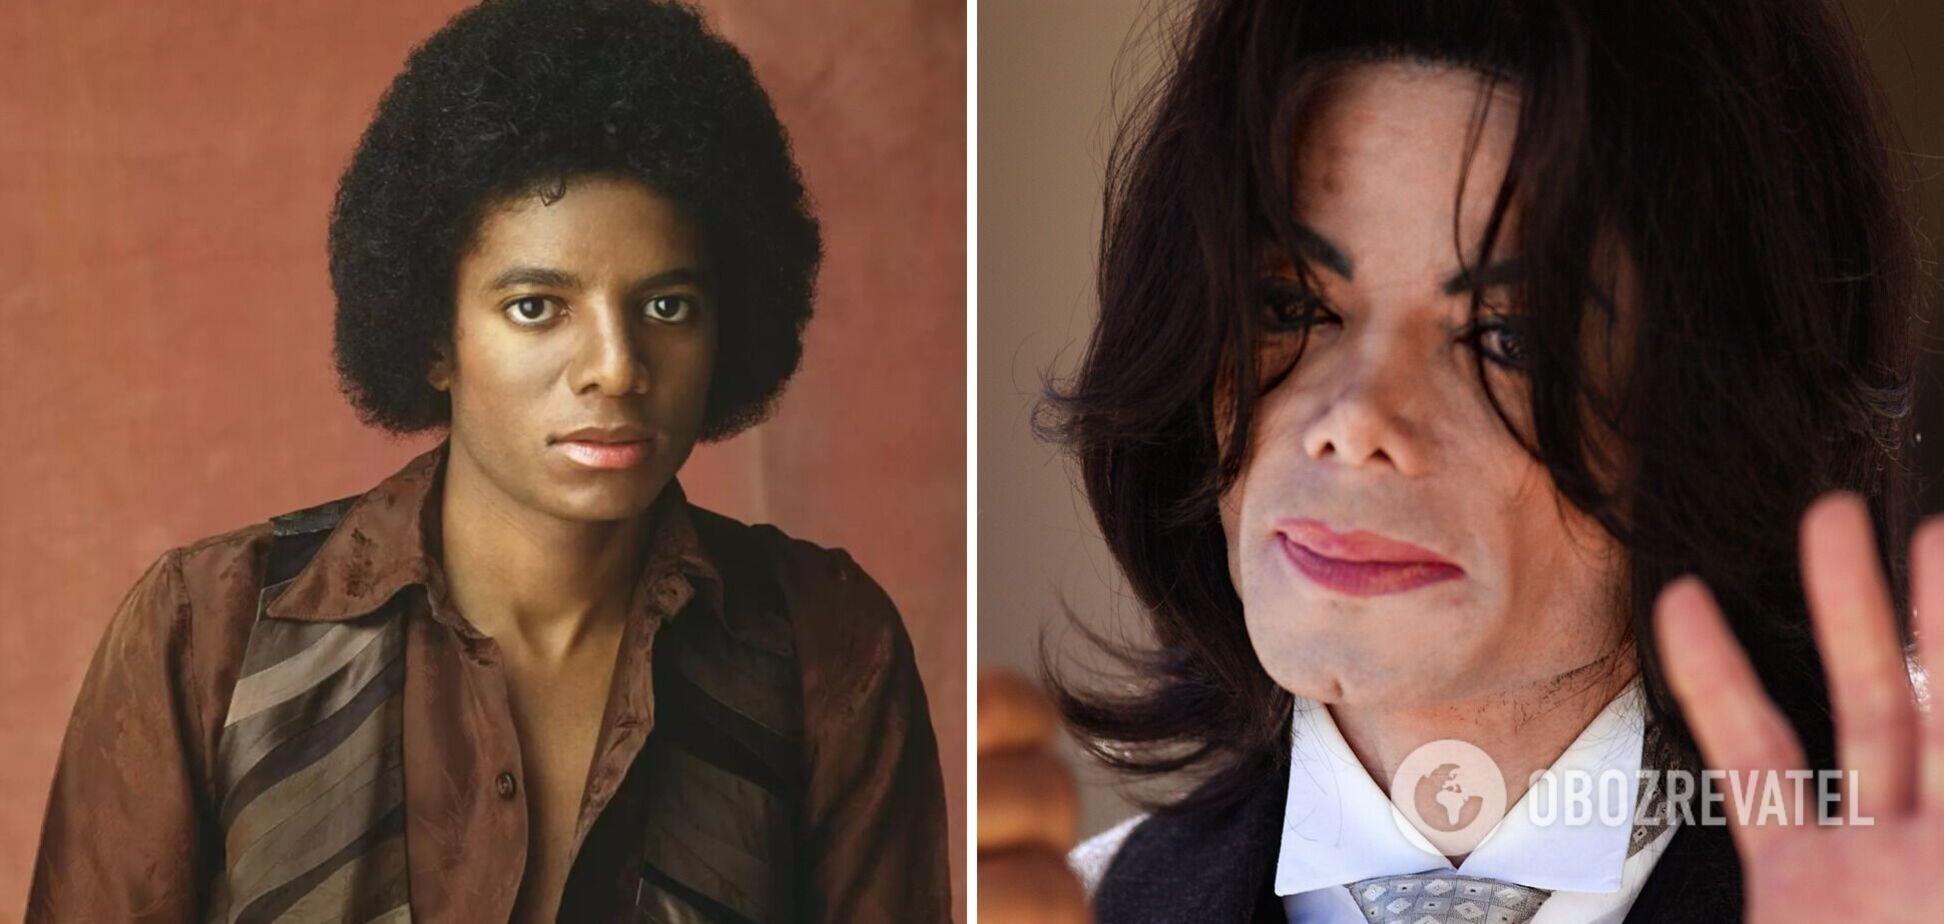 Як змінювалася зовнішність Майкла Джексона протягом кар'єри